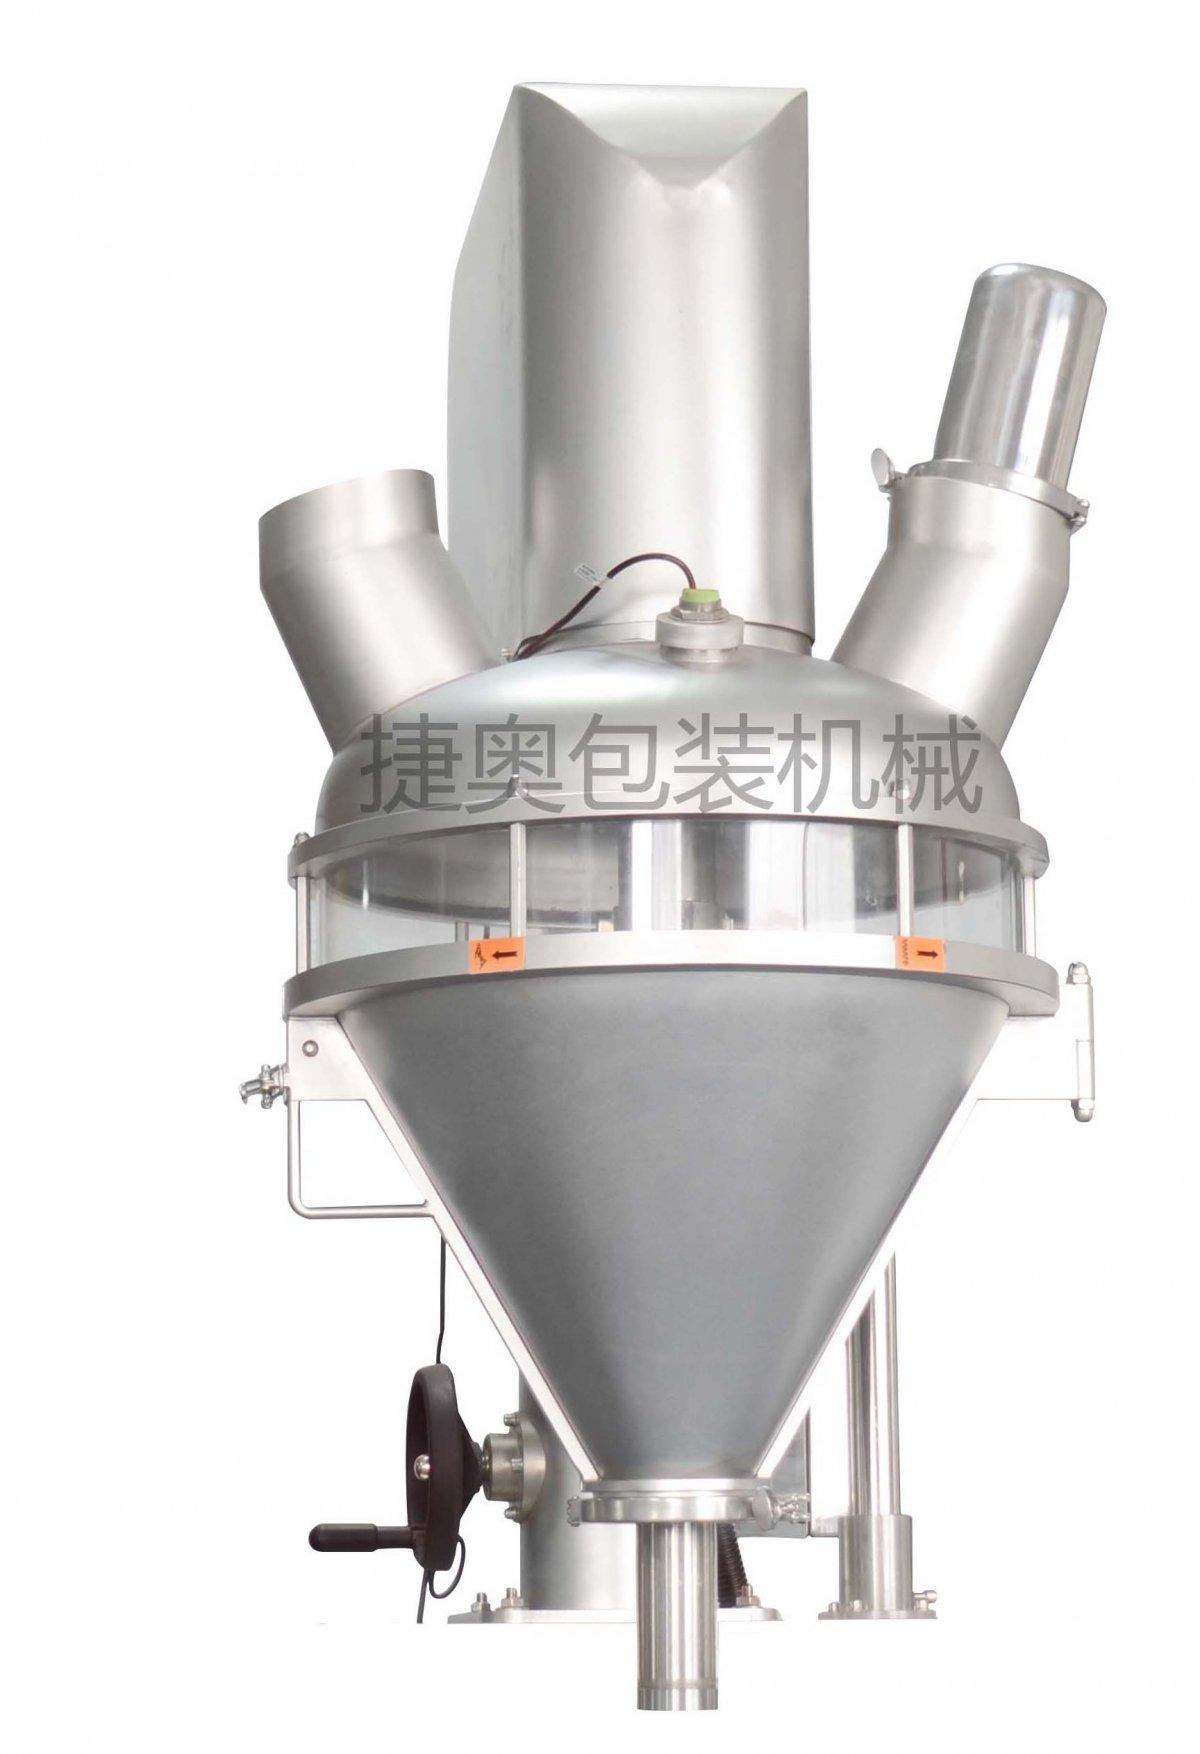 JA-50LB螺杆计量机的图片